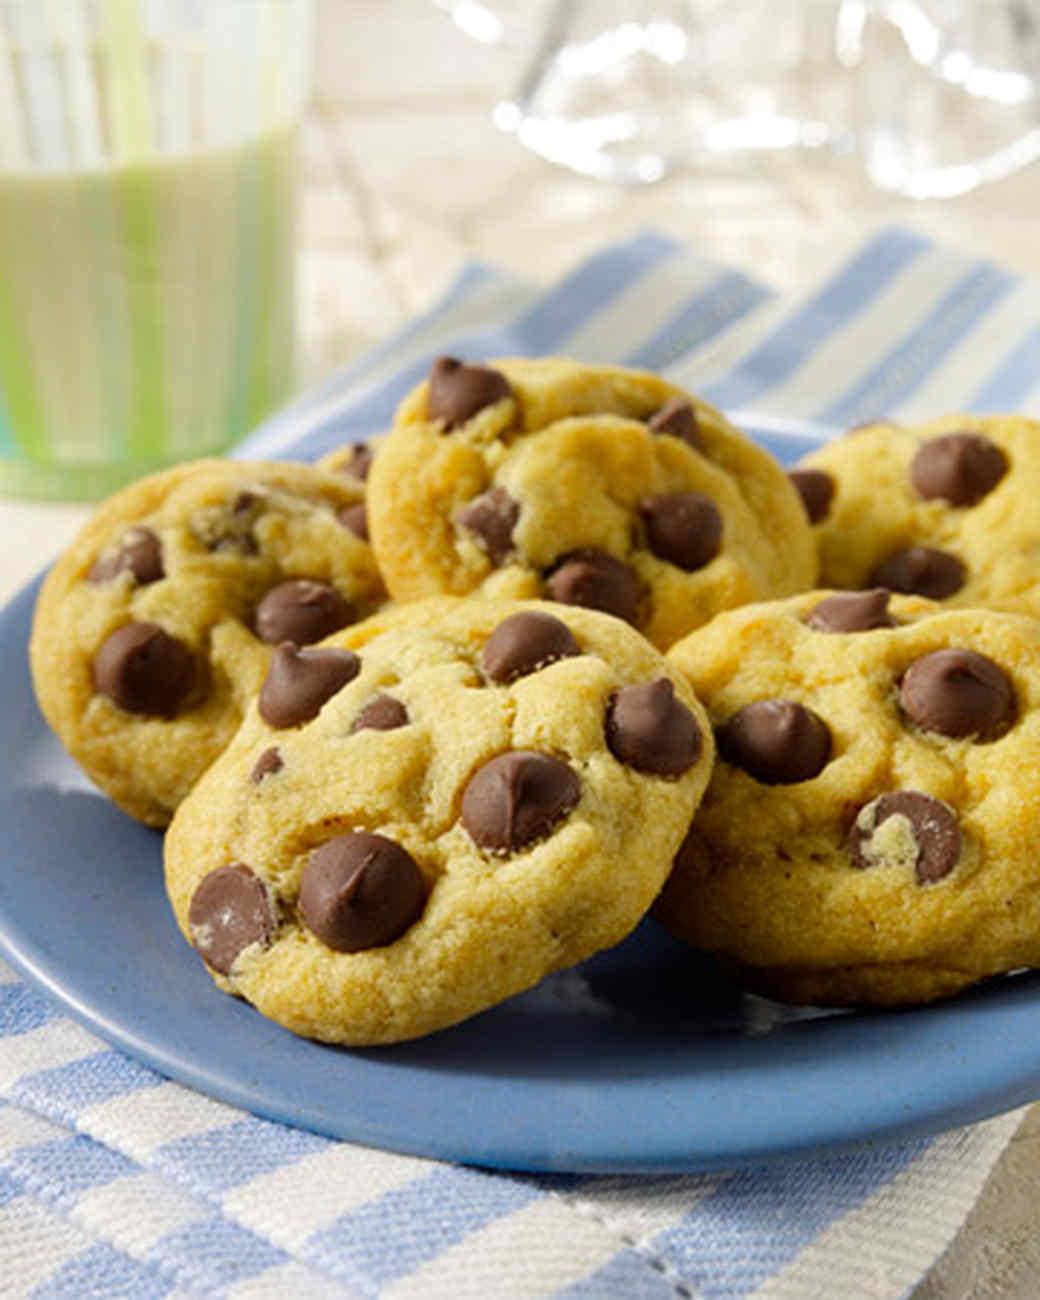 chocchipcookies.jpg